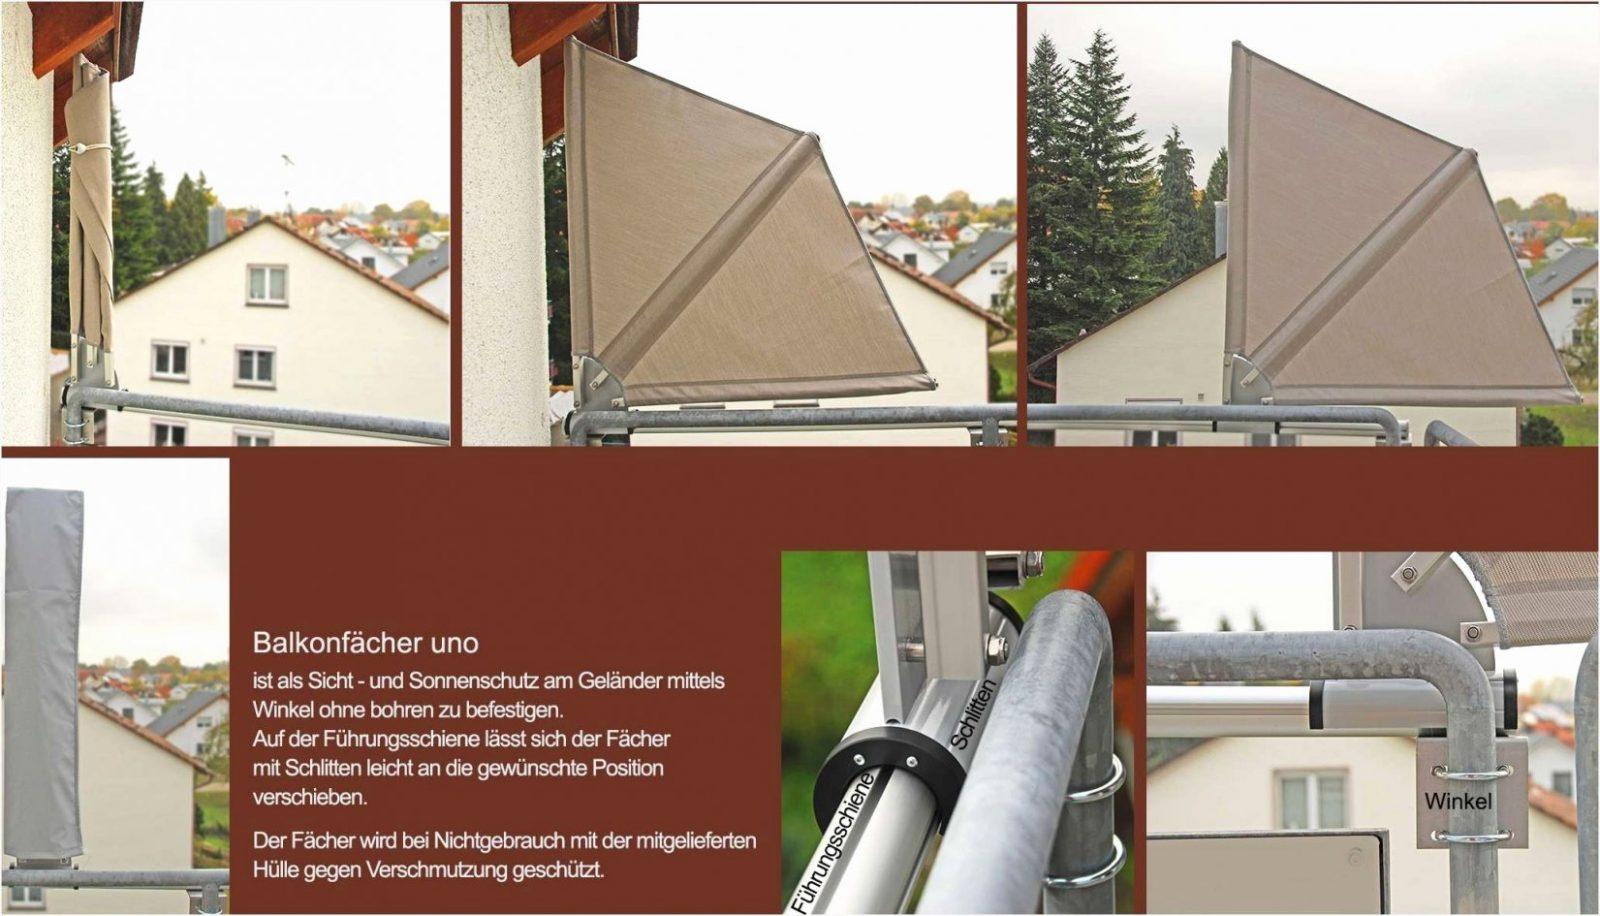 58 Top Zum Balkon Dach Ohne Bohren Ideen von Balkon Dach Ohne Bohren Bild